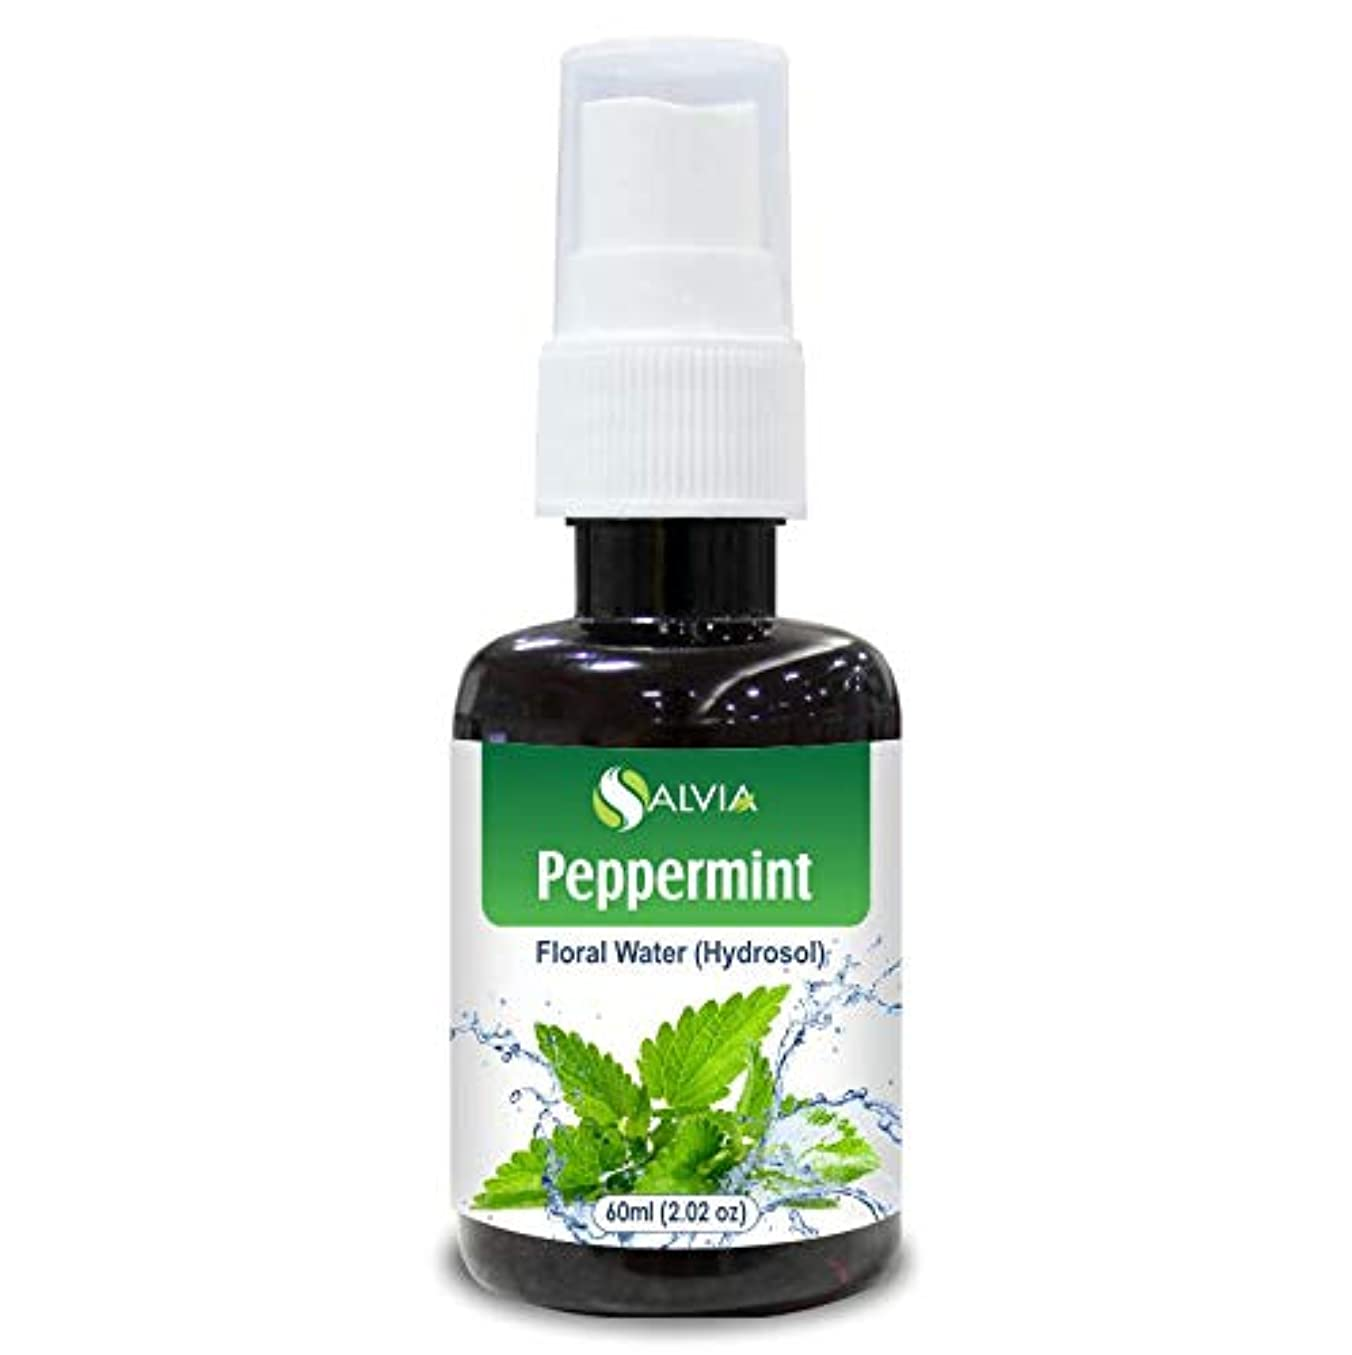 継続中オアシス届けるPeppermint Floral Water 60ml (Hydrosol) 100% Pure And Natural